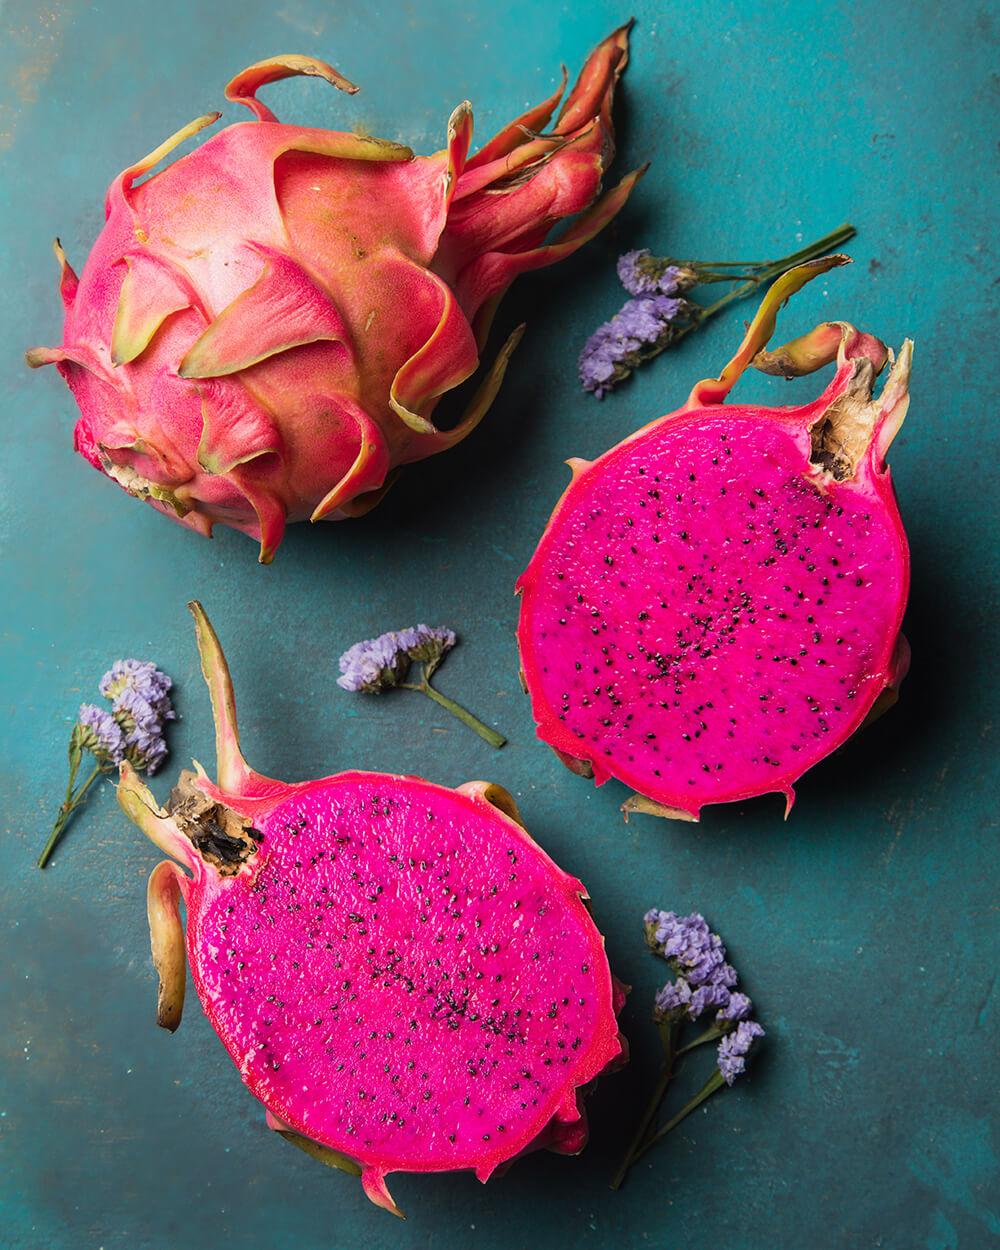 Pink Pitaya